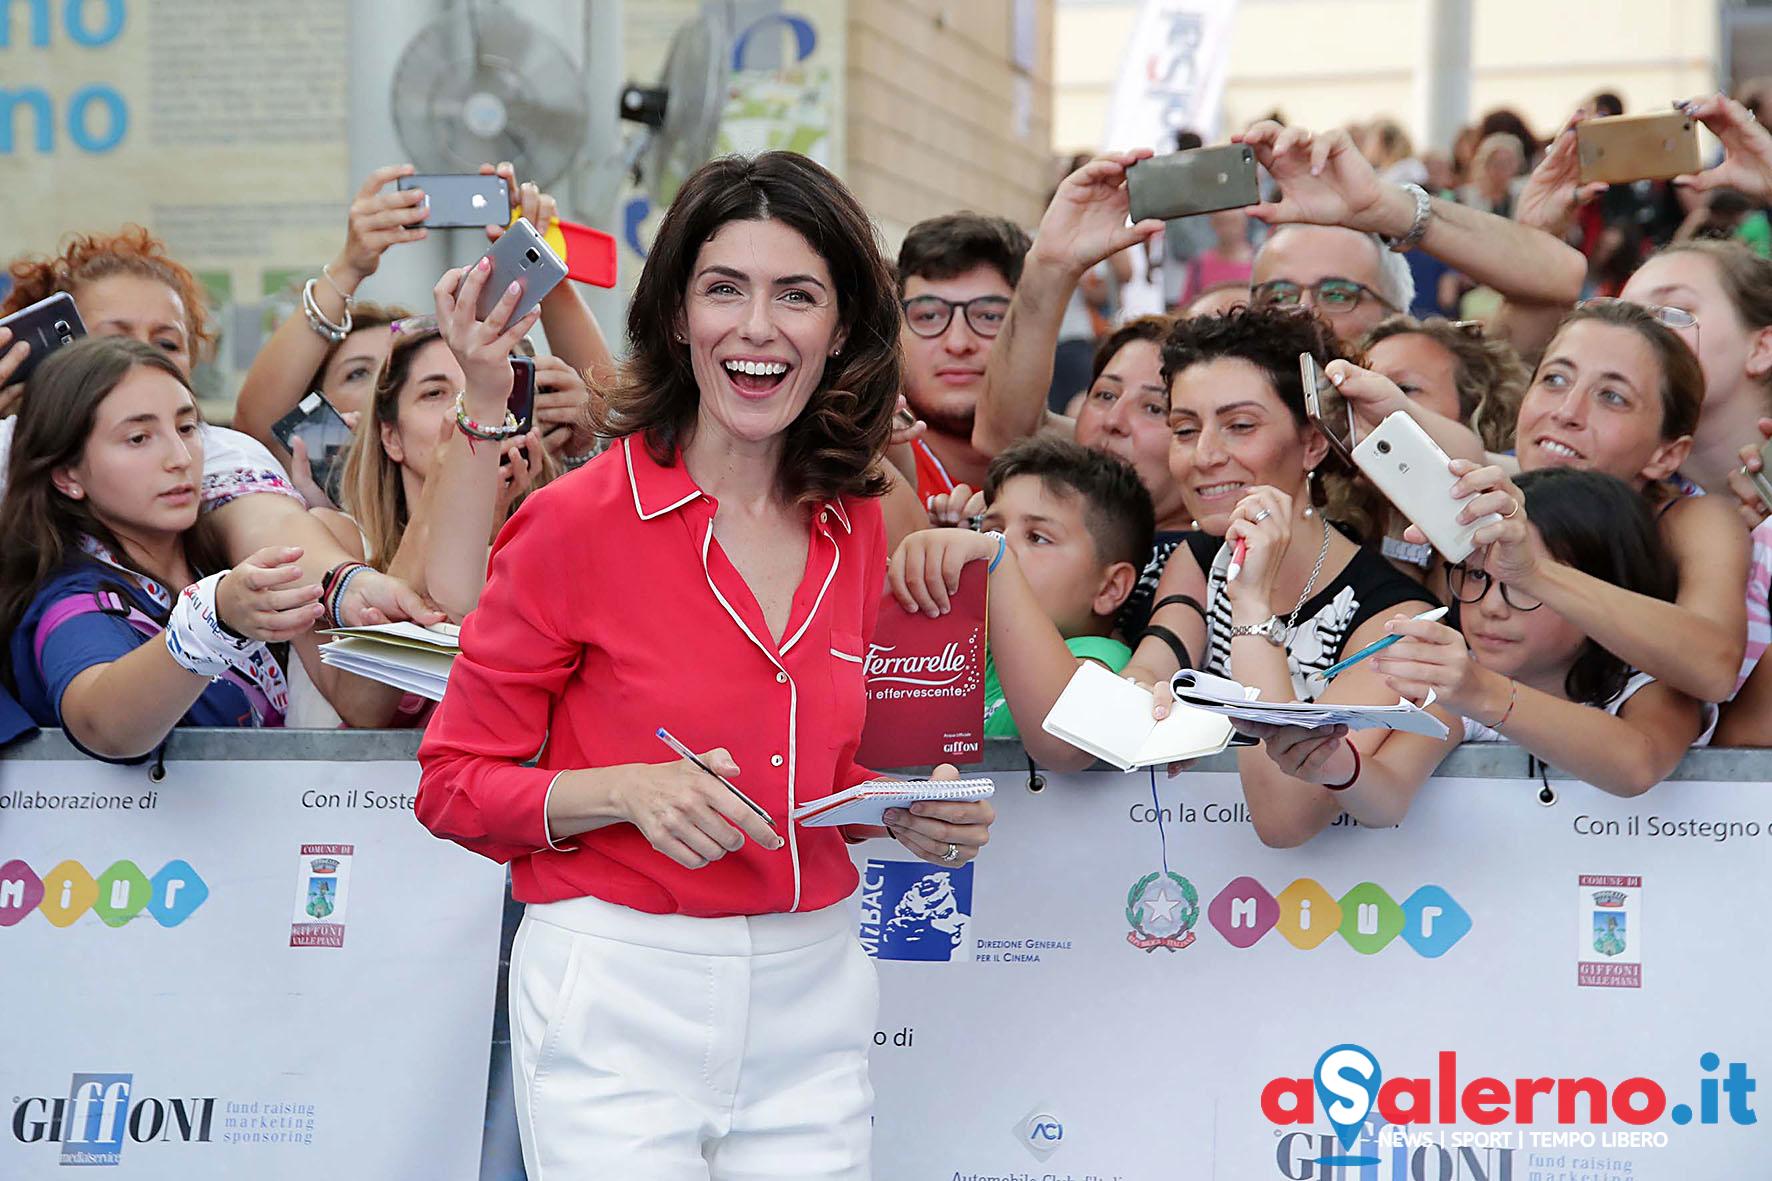 SAL - 21 07 2018 Giffoni Film Festival. Nella foto Anna Valle. Foto Tanopress